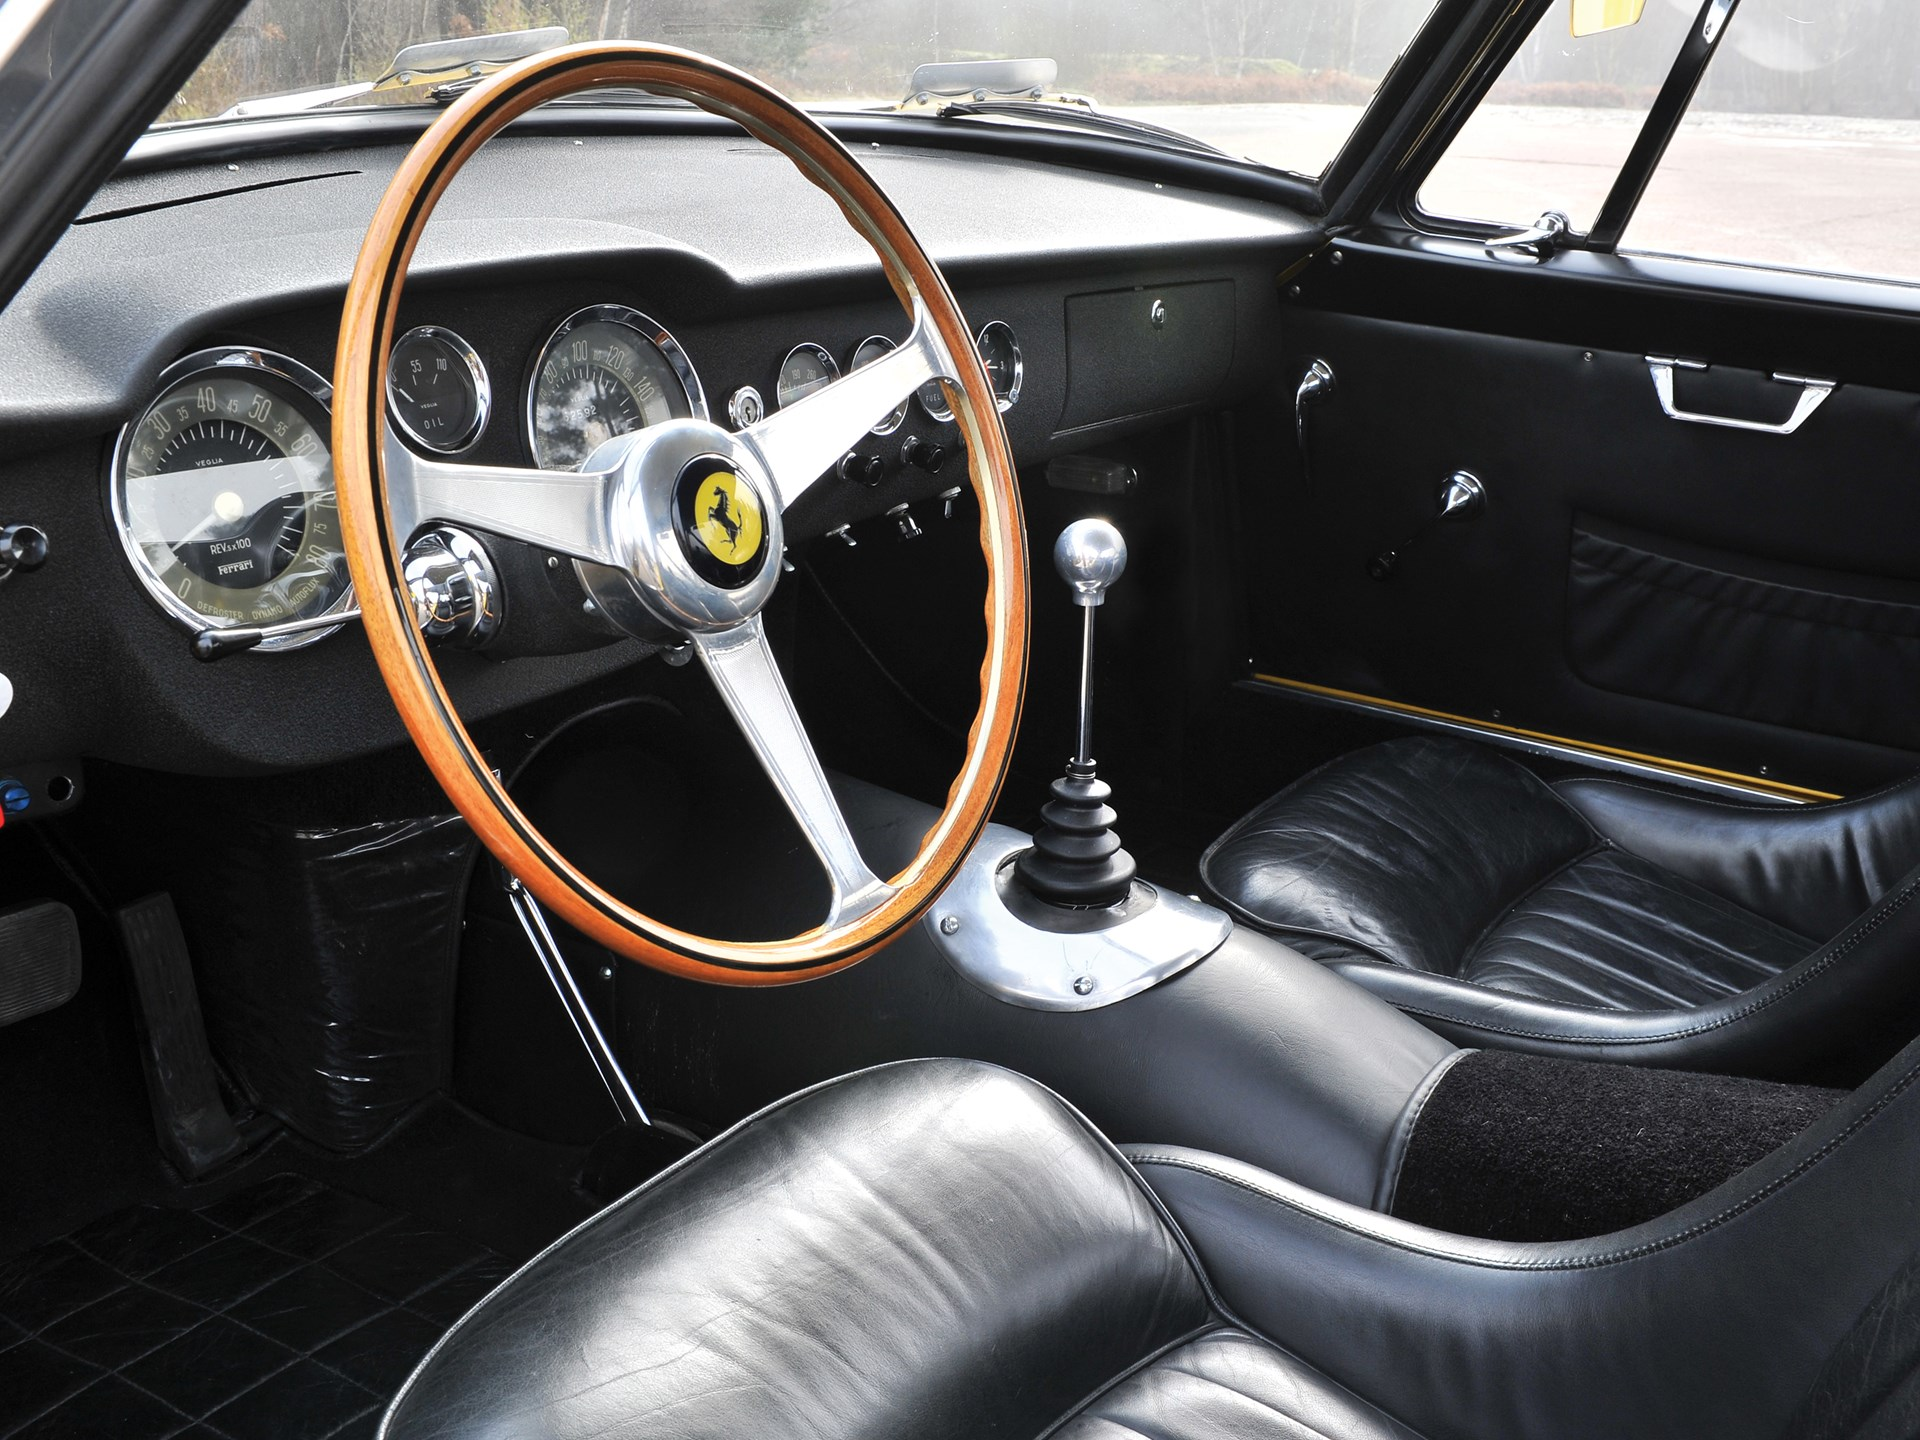 1960 Ferrari 250 GT SWB Berlinetta Competizione by Scaglietti